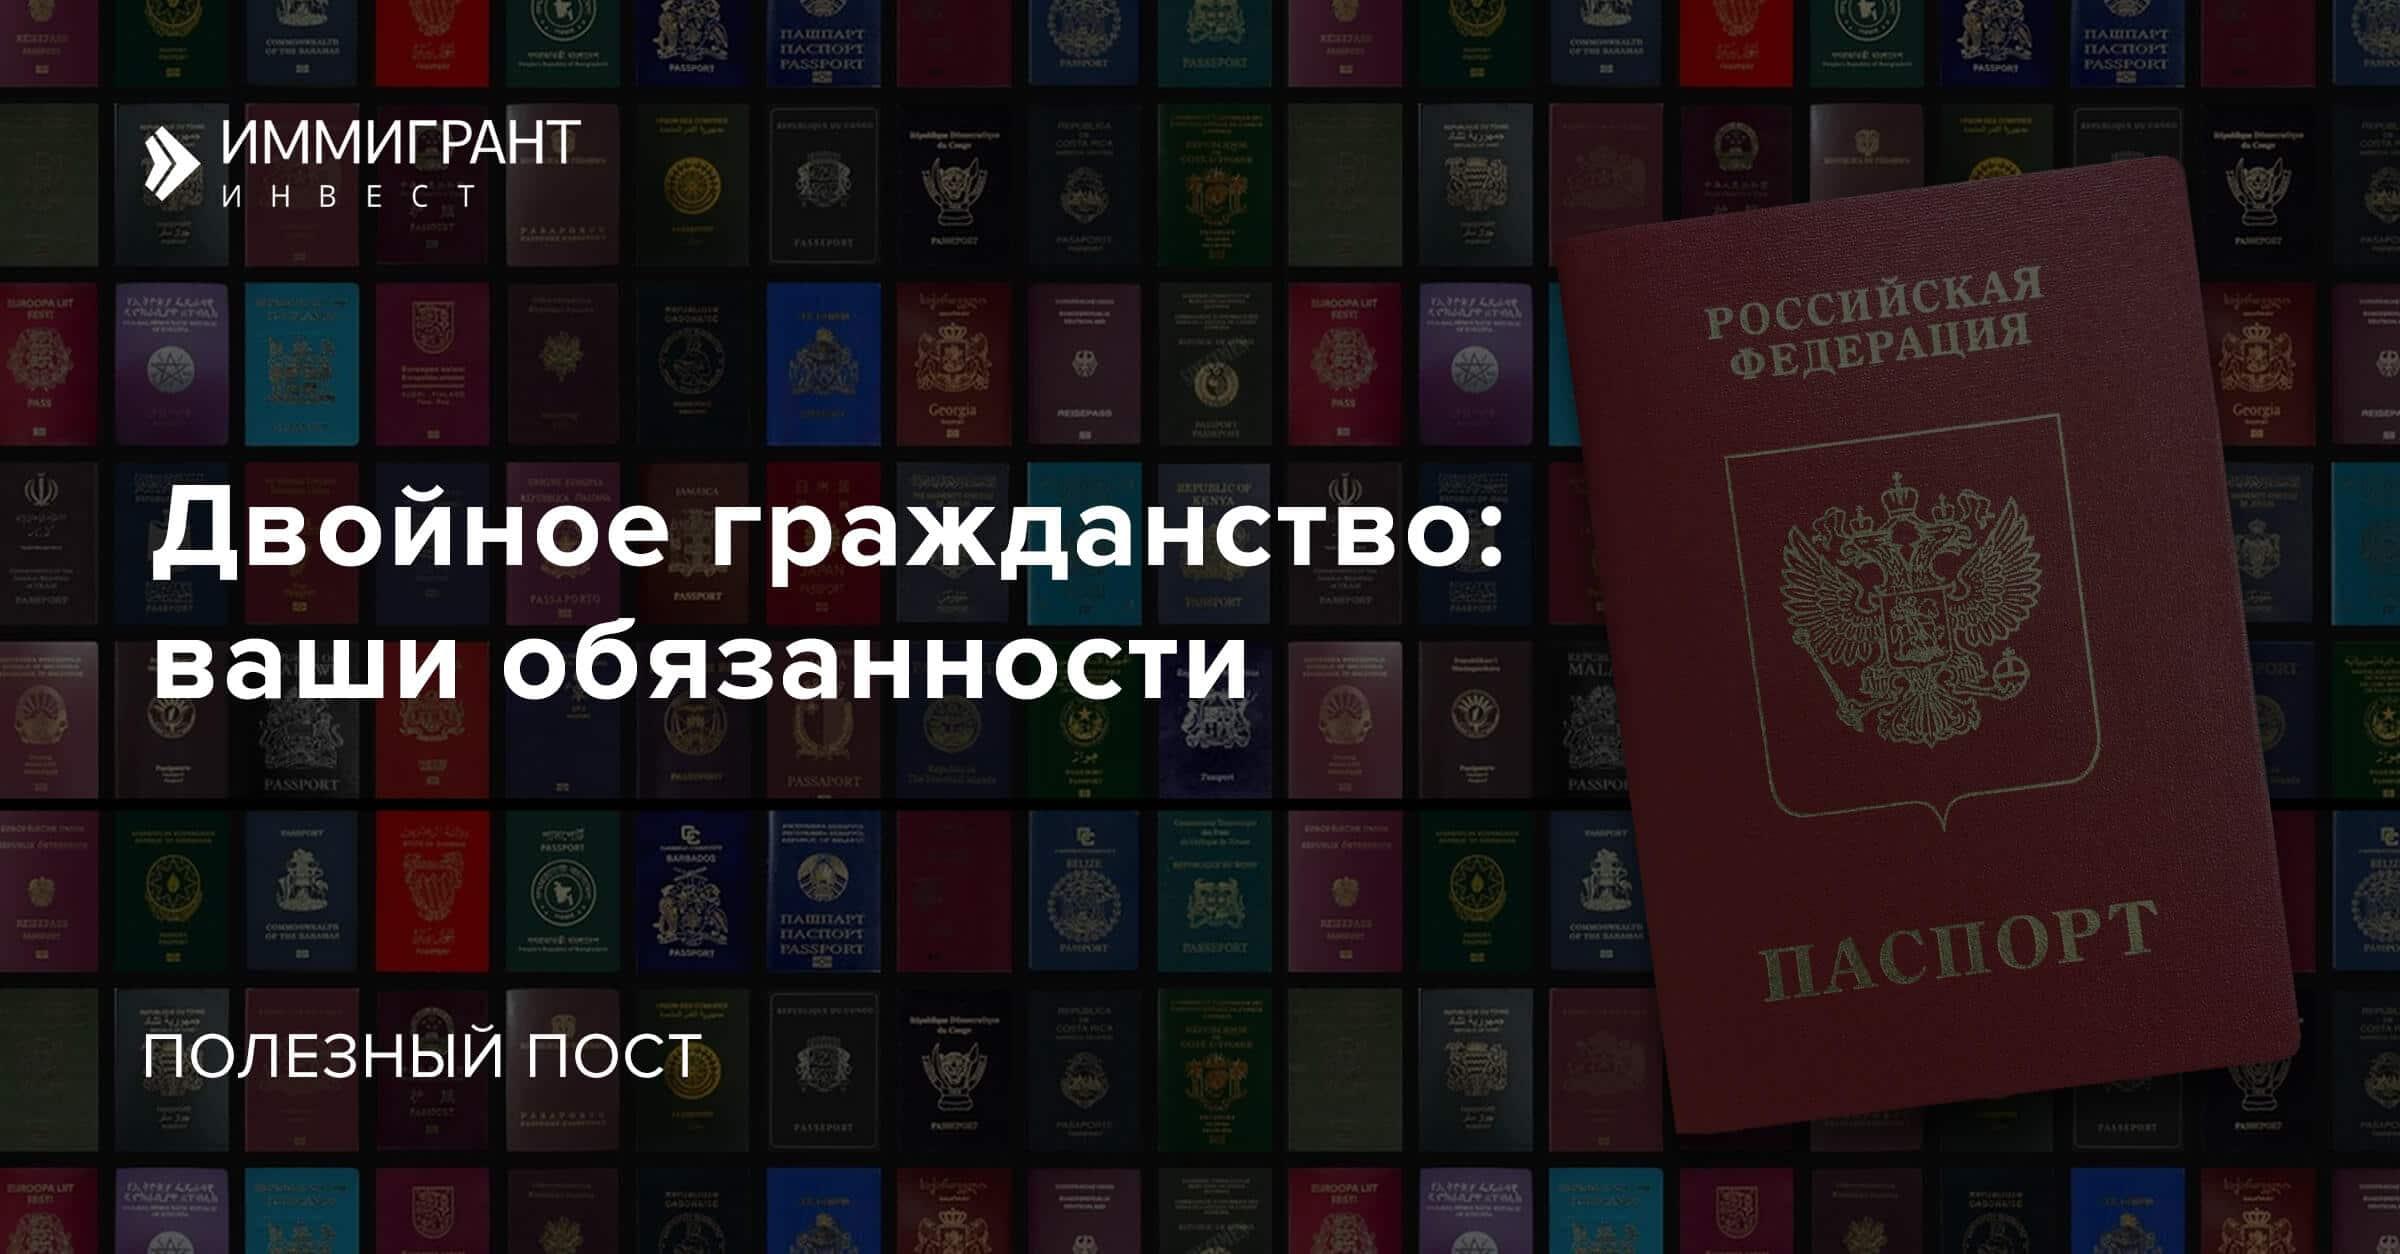 Получение второго гражданства россии